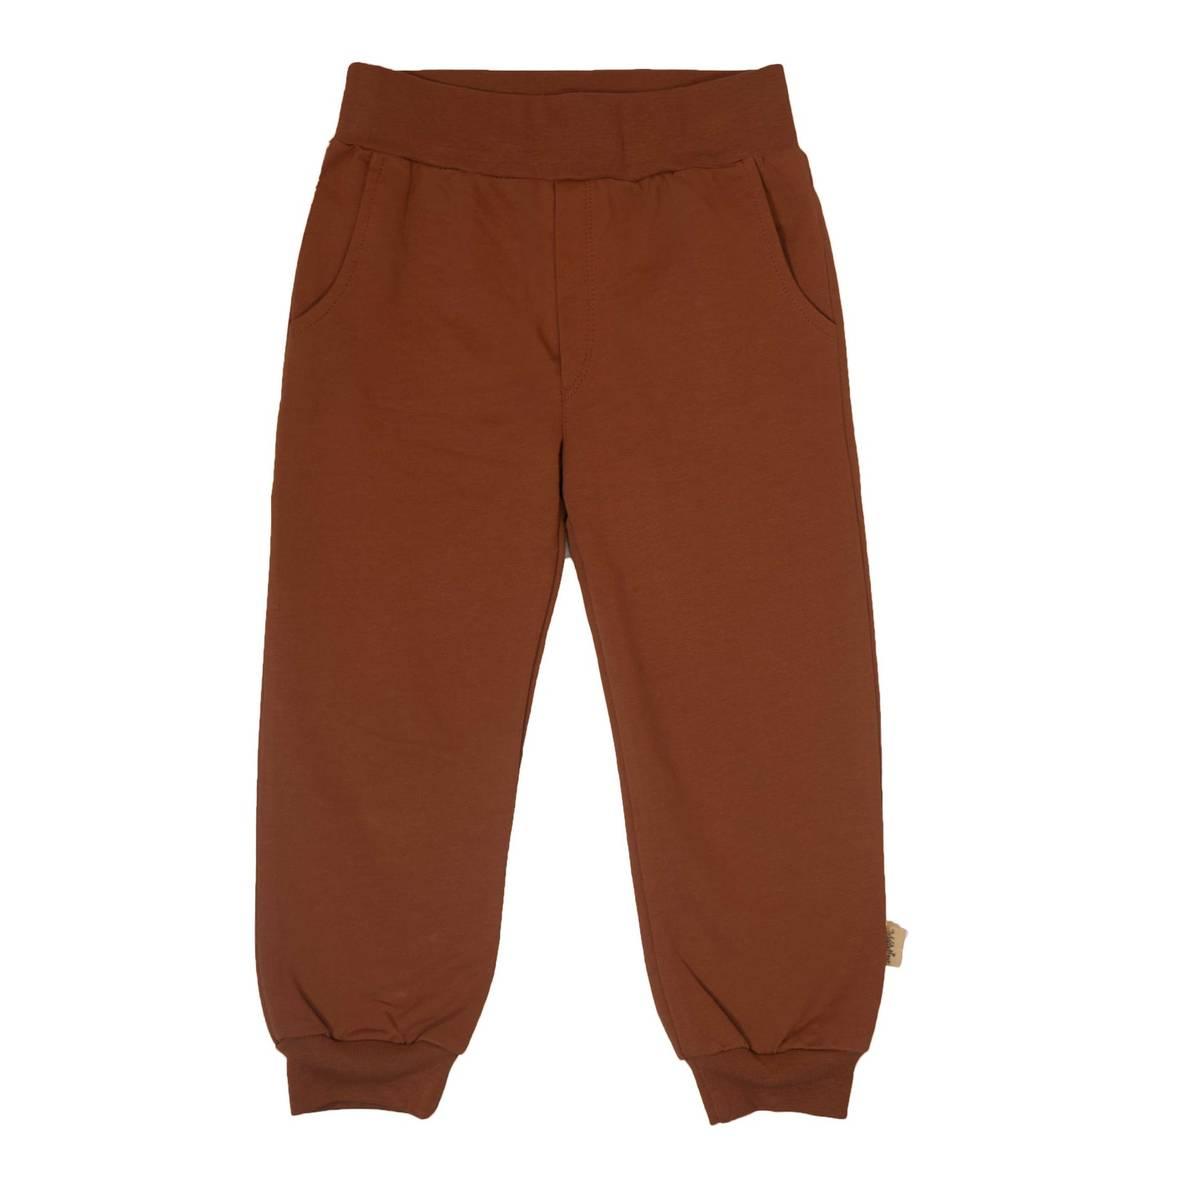 MeMini Cosy jerseybukse - copper brown